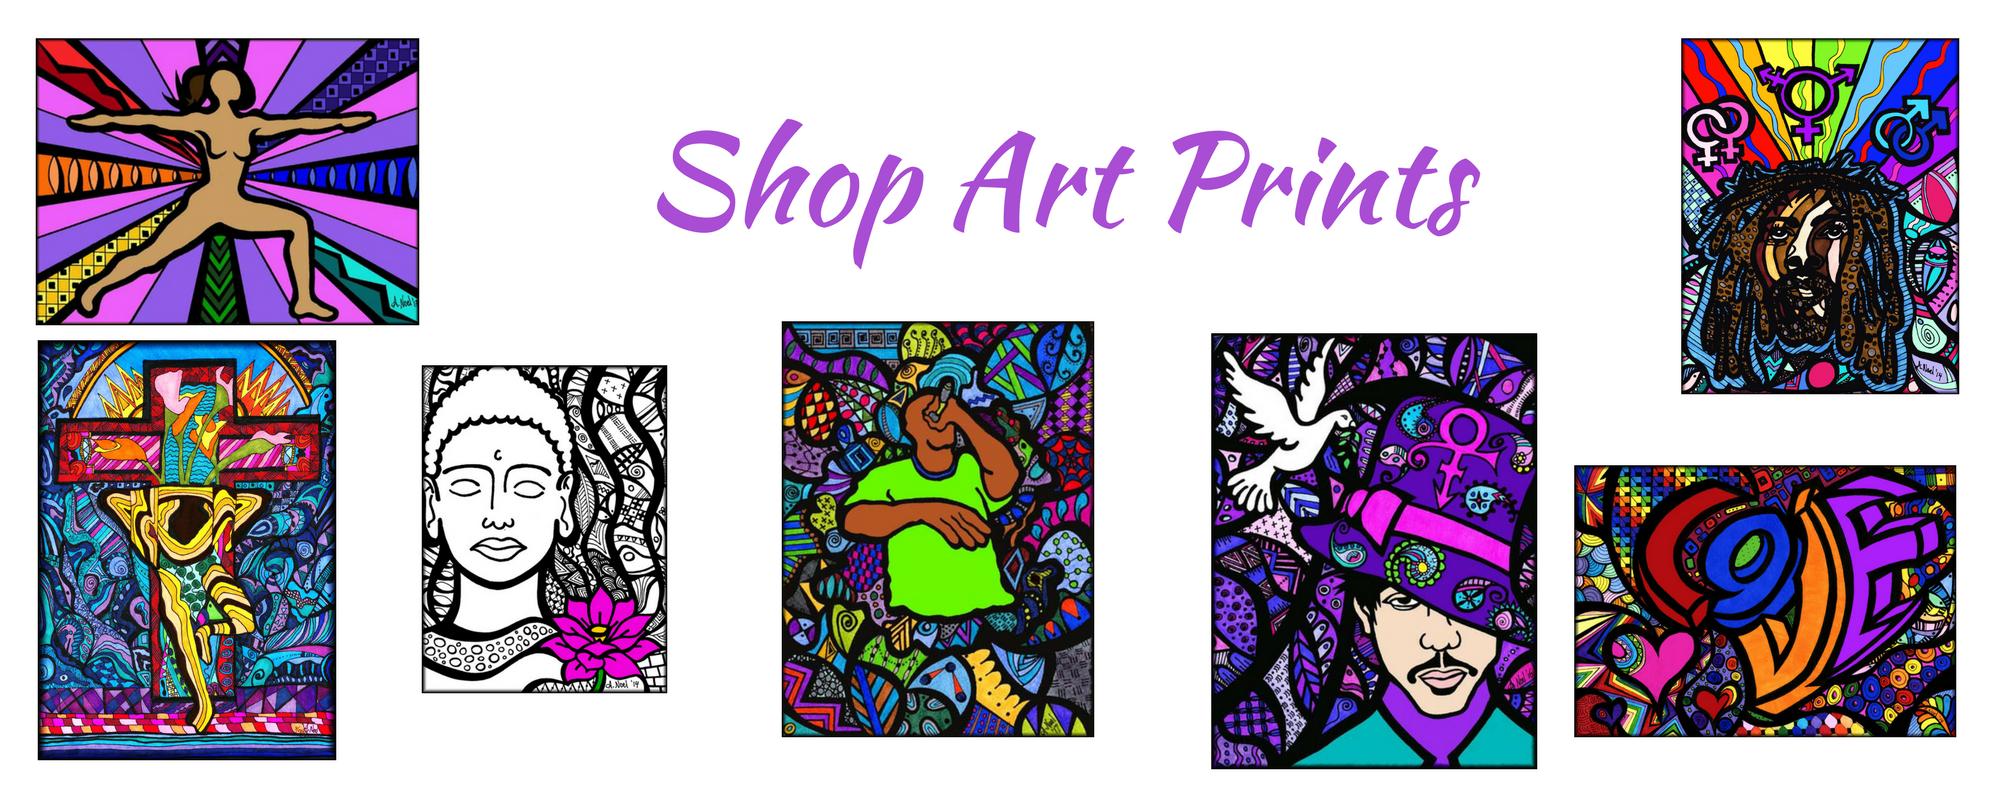 Shop for Prints